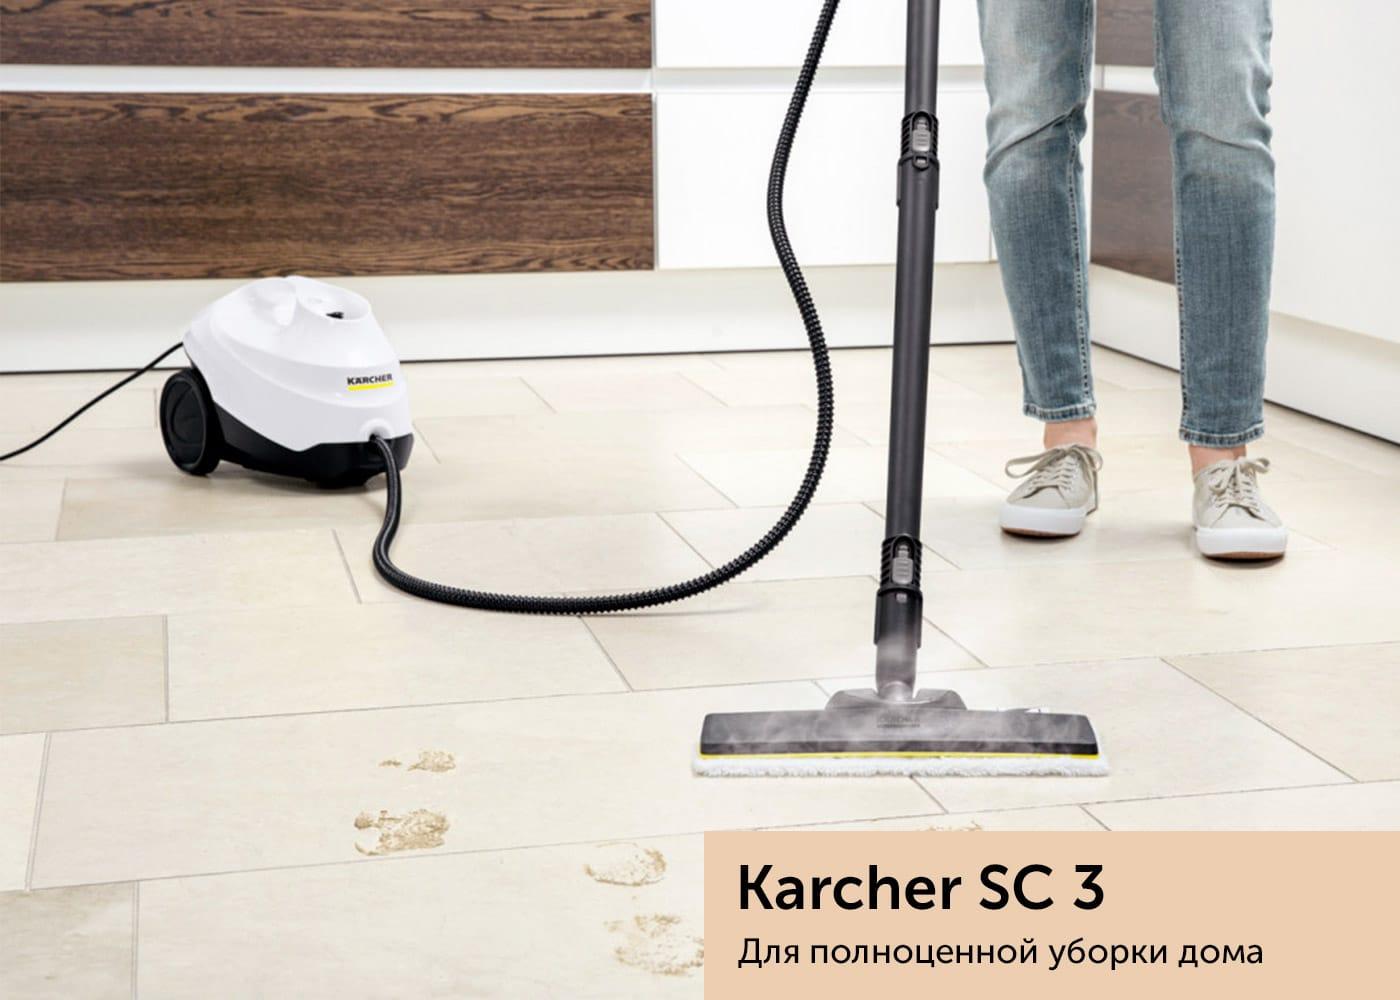 Хороший парогенератор Karcher SC 3